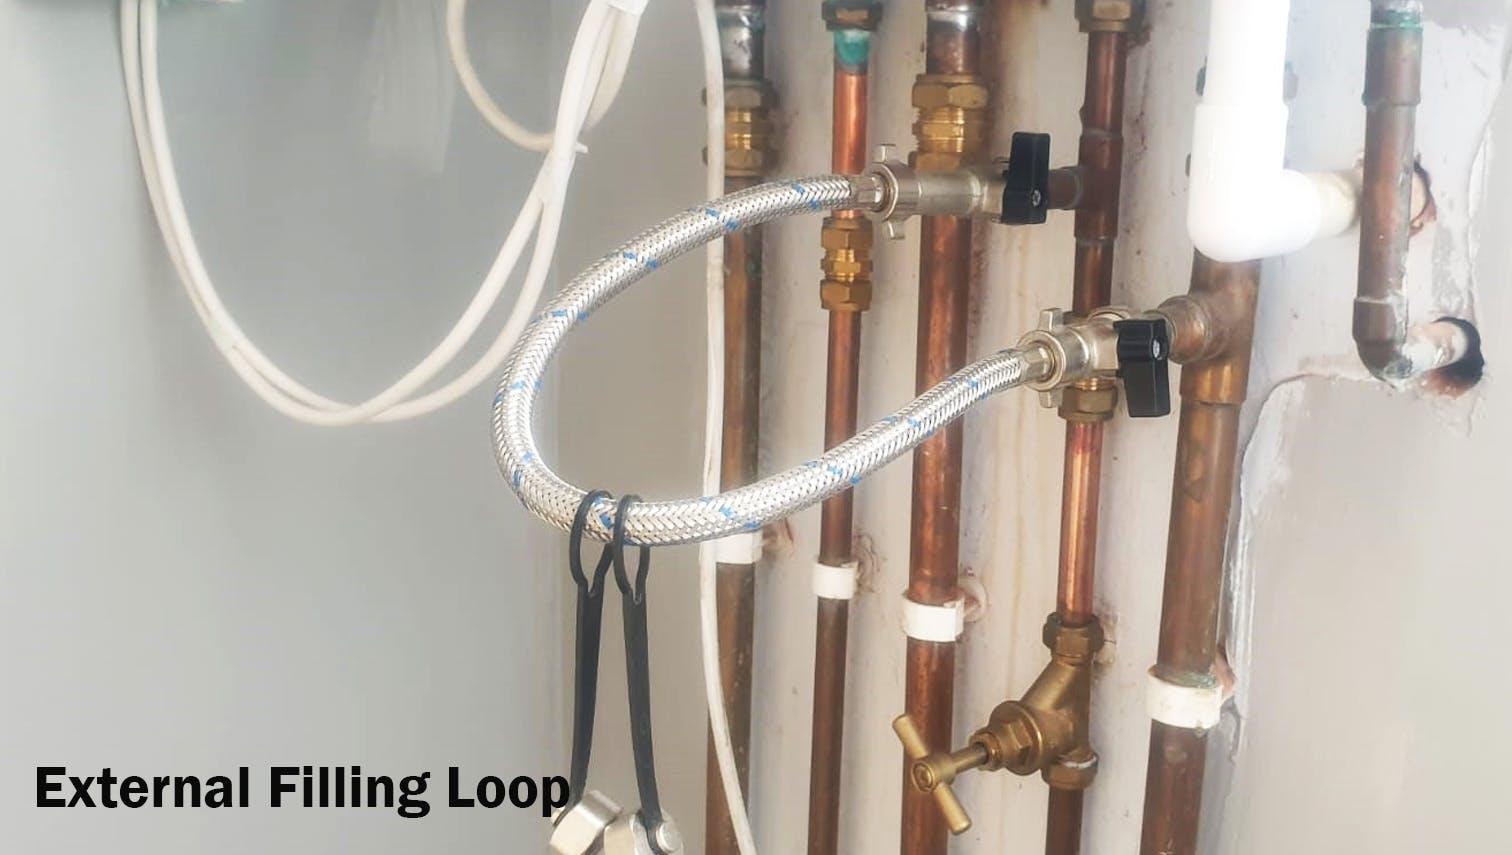 External Filling Loop